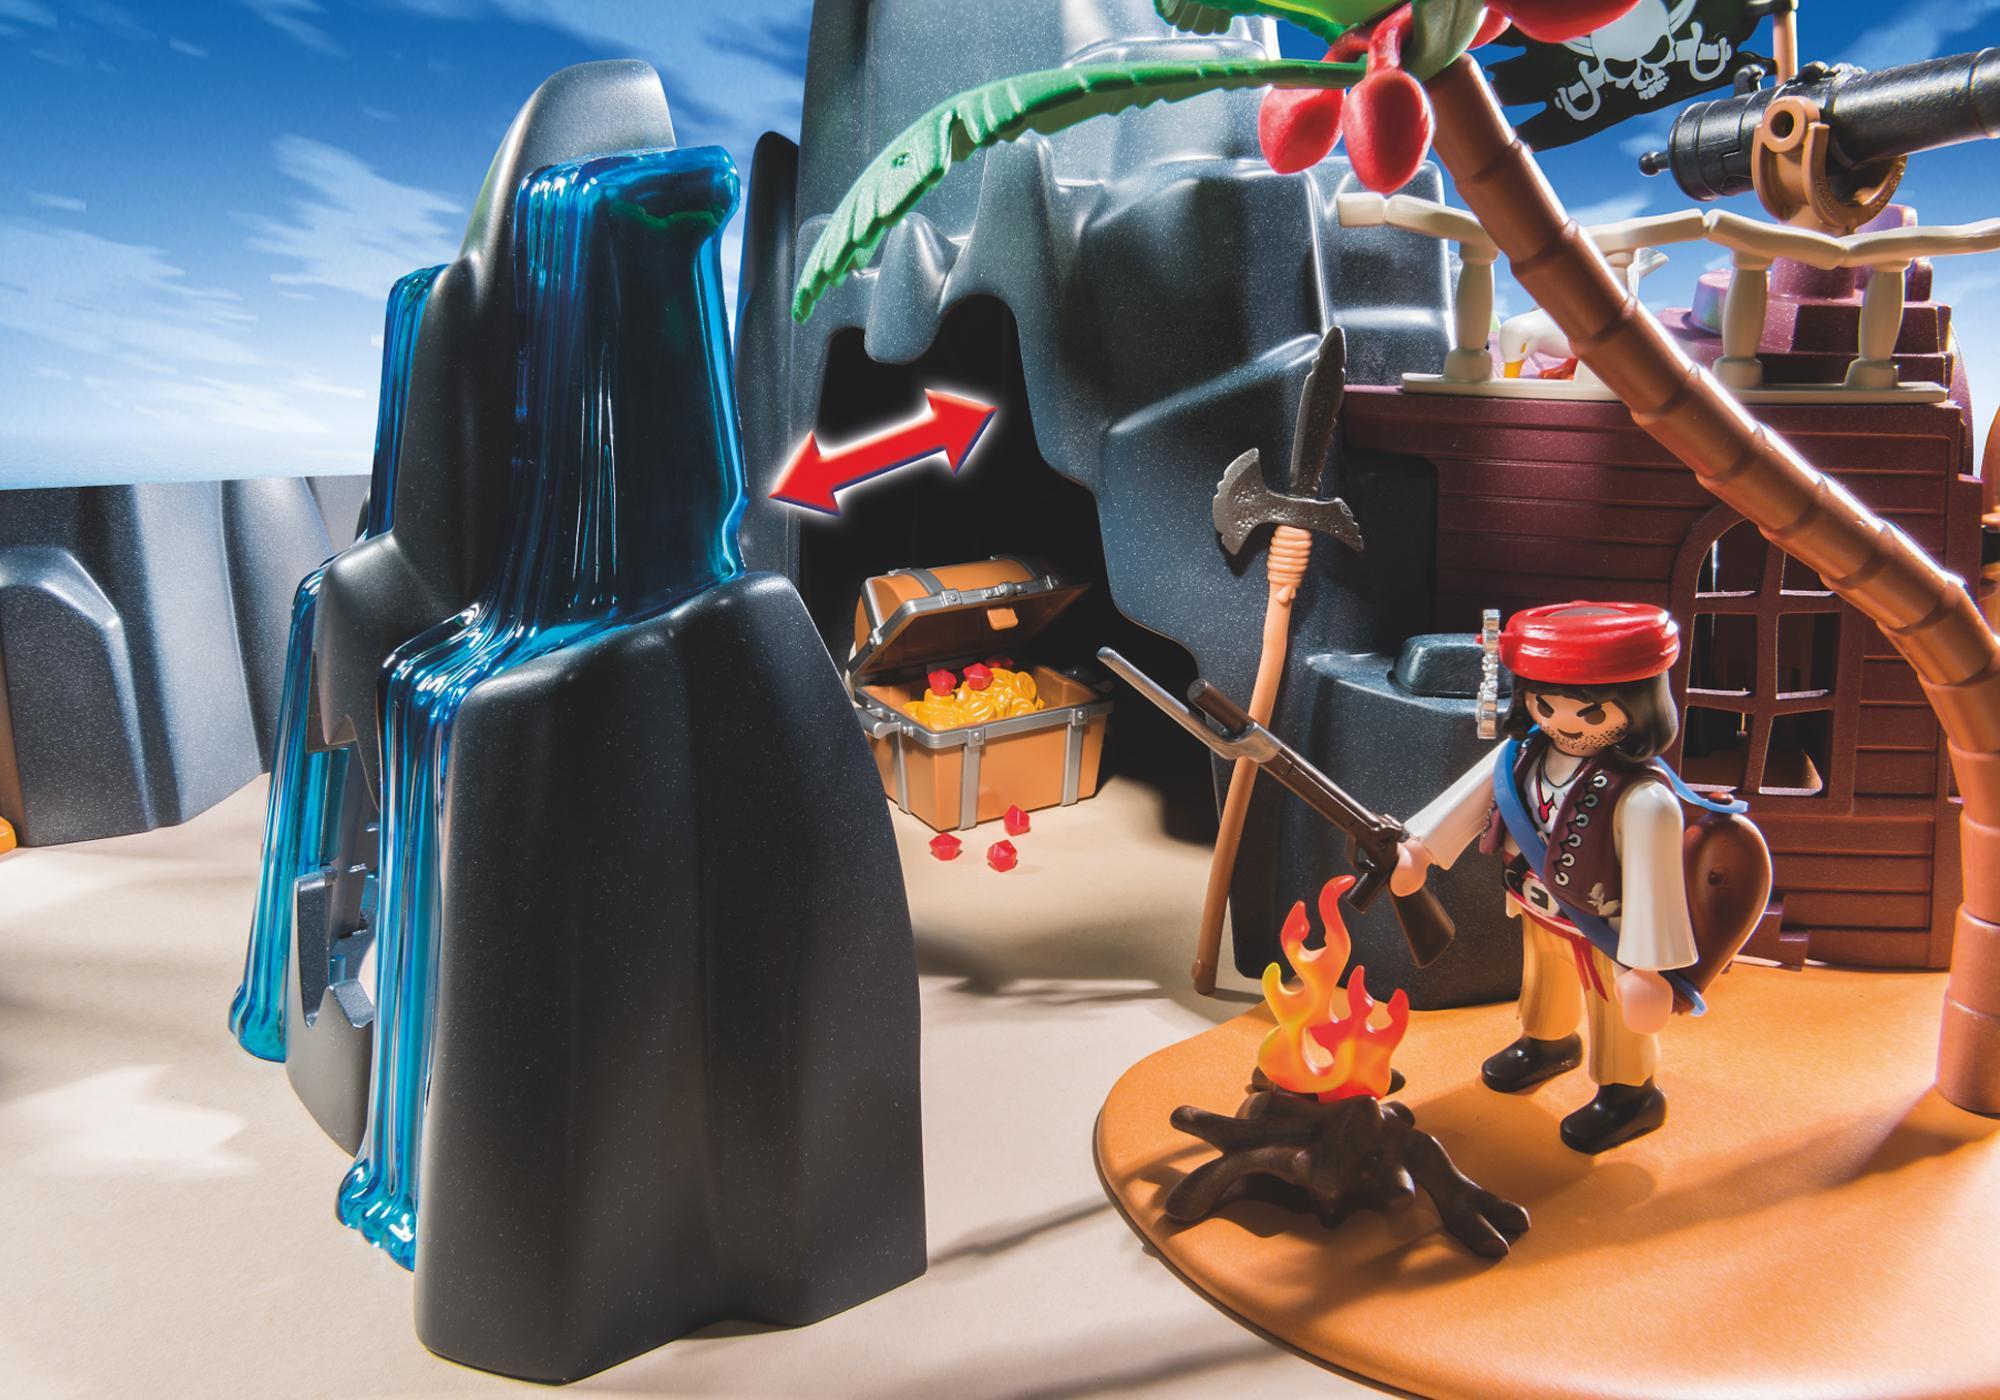 http://media.playmobil.com/i/playmobil/6679_product_extra1/Skattö med pirater